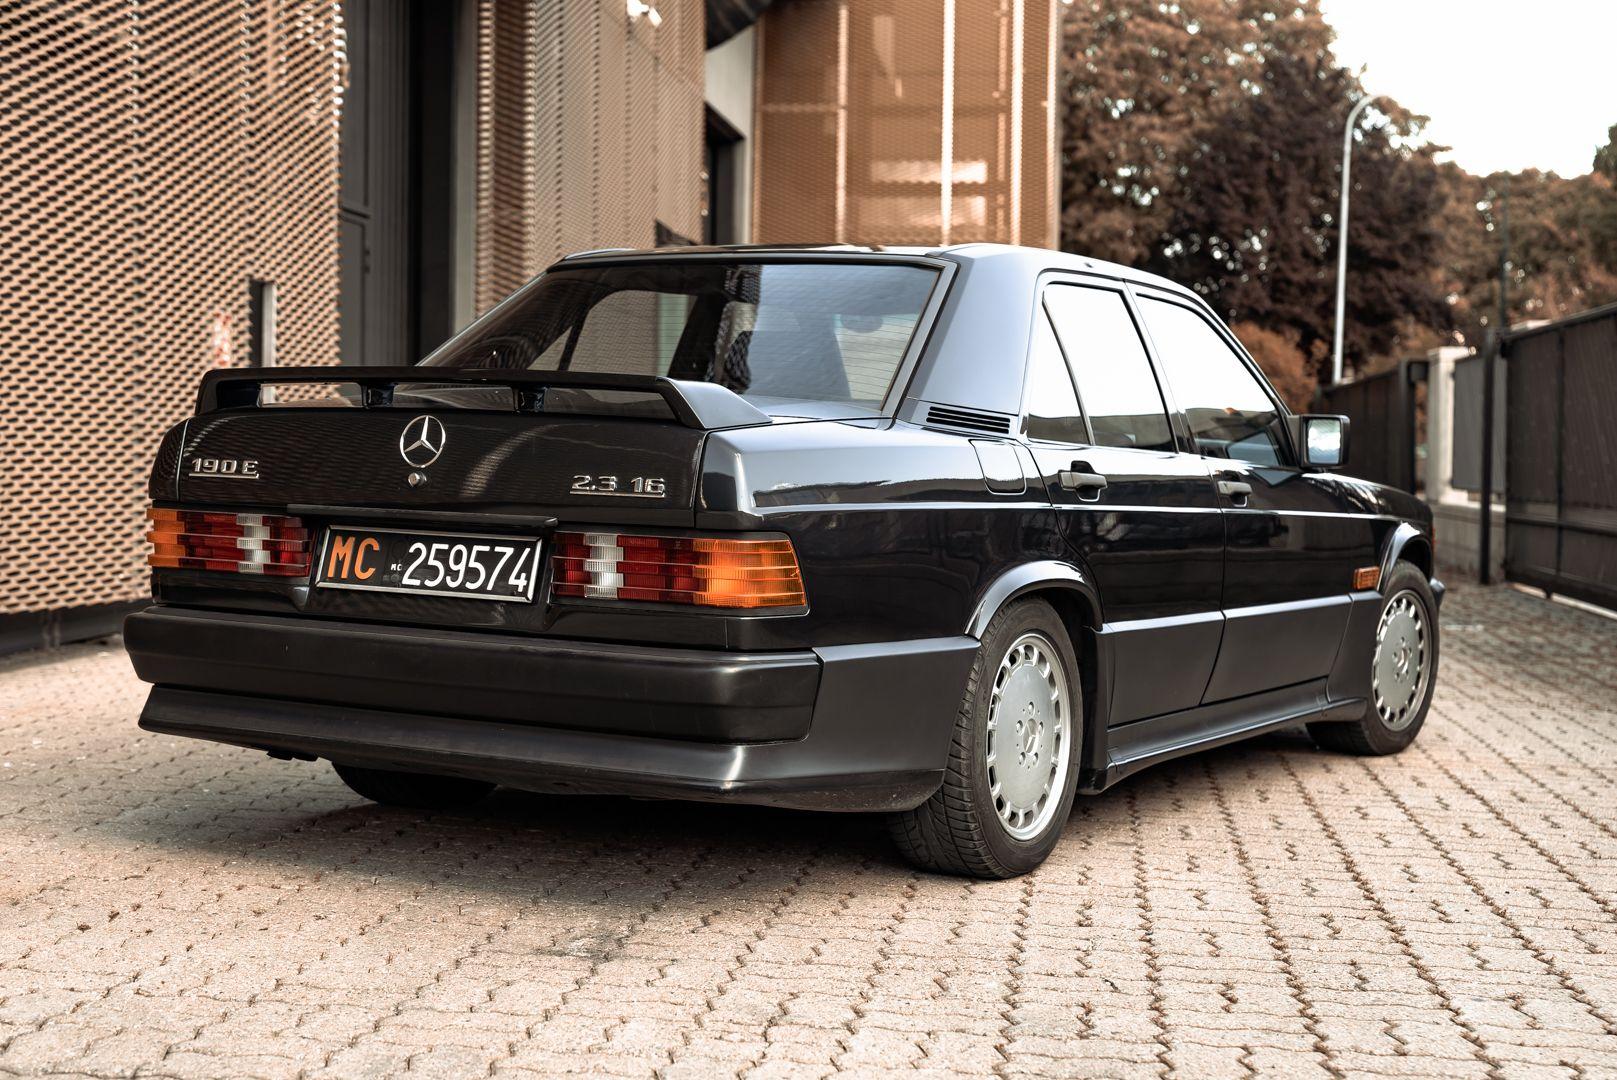 1985 Mercedes-Benz 190E 2.3-16 71342